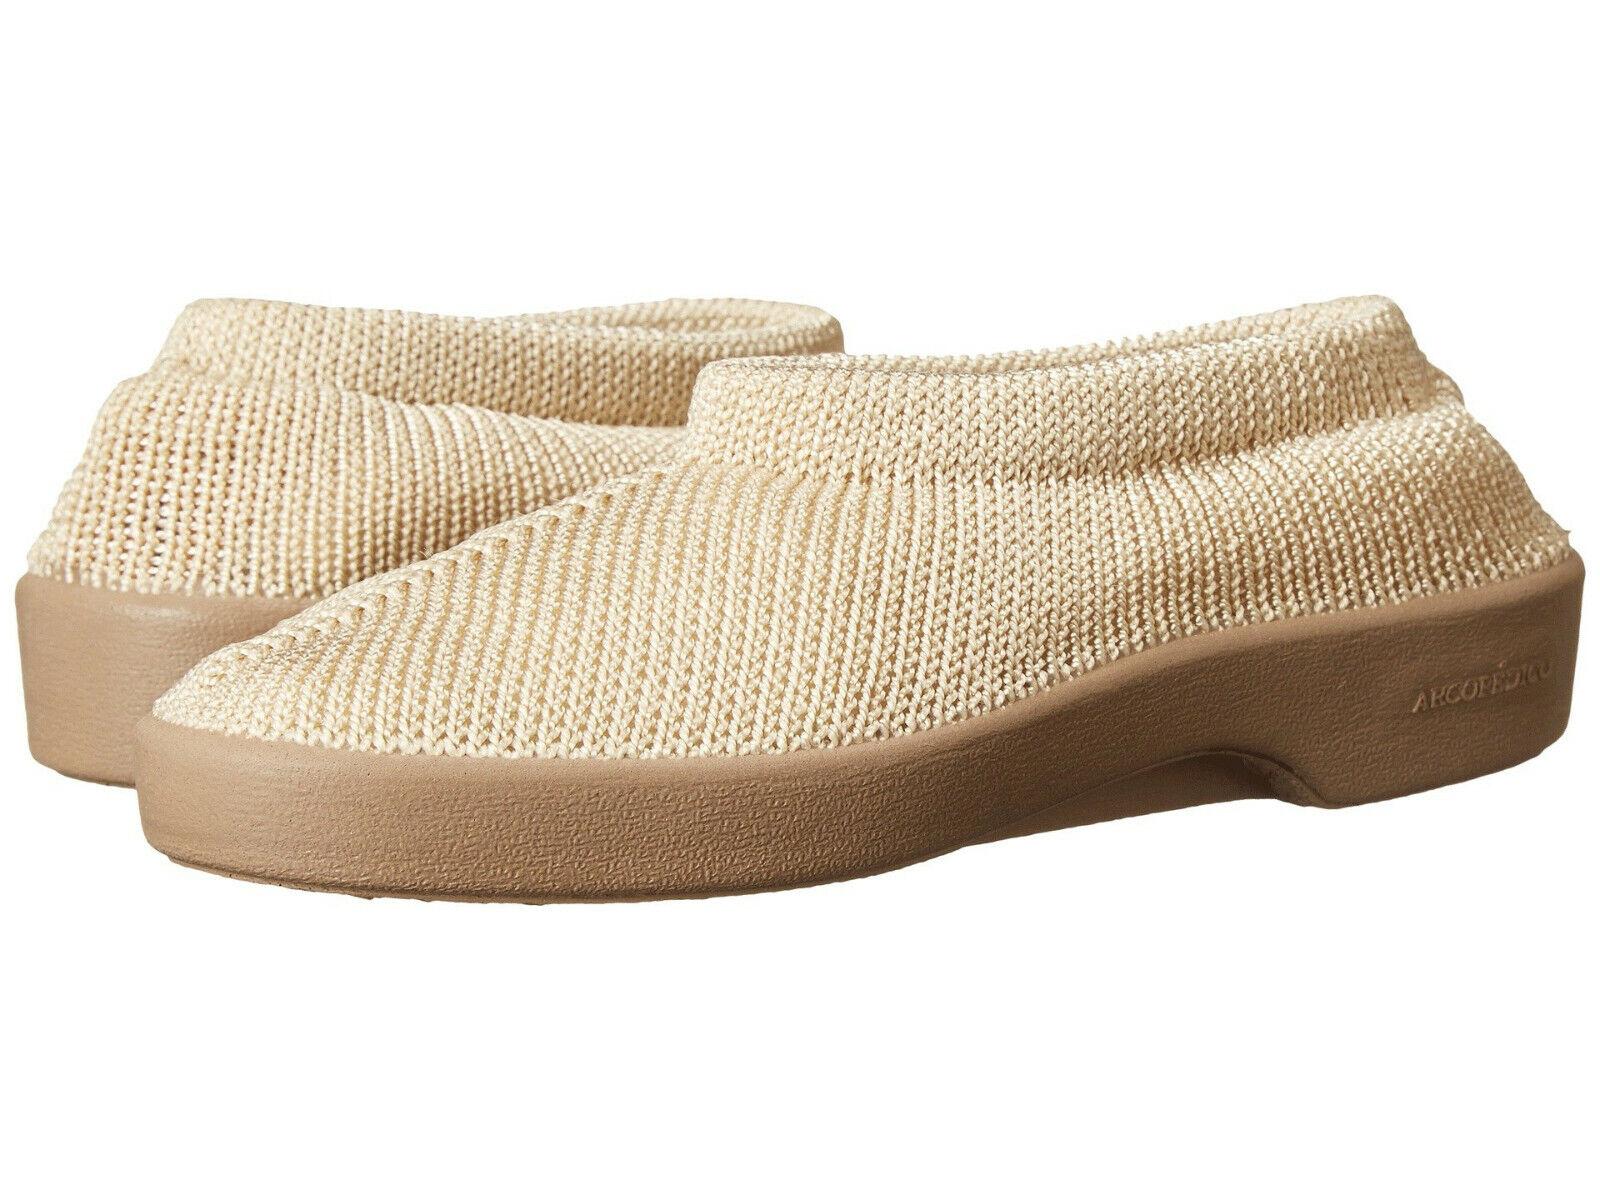 Arcopedico NEW SEC Womens Beige 1141 Vegan Knitted Nylon Comfort Slip On Shoes